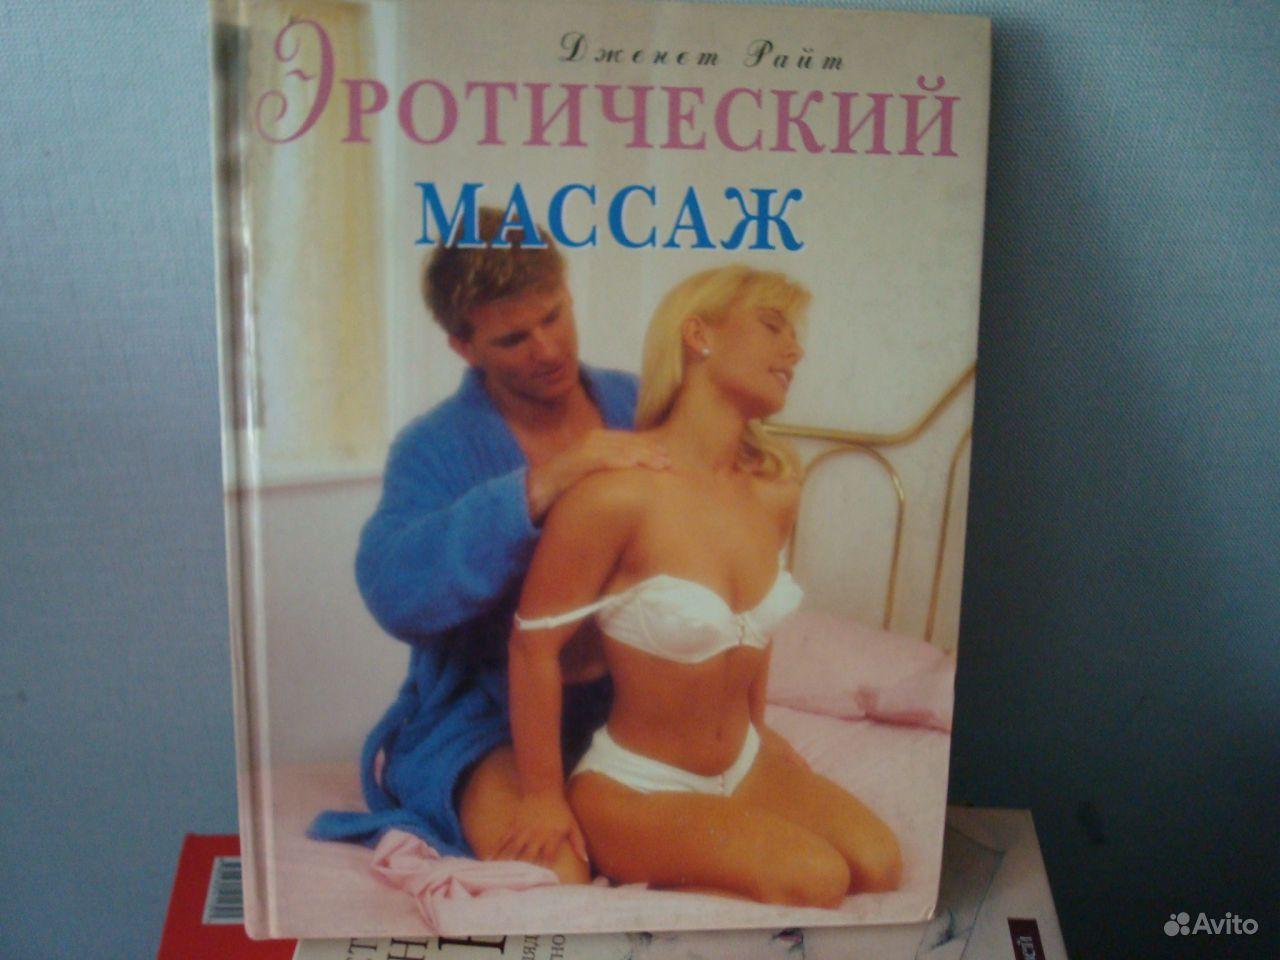 Эротический массаж в иркутске 24 фотография